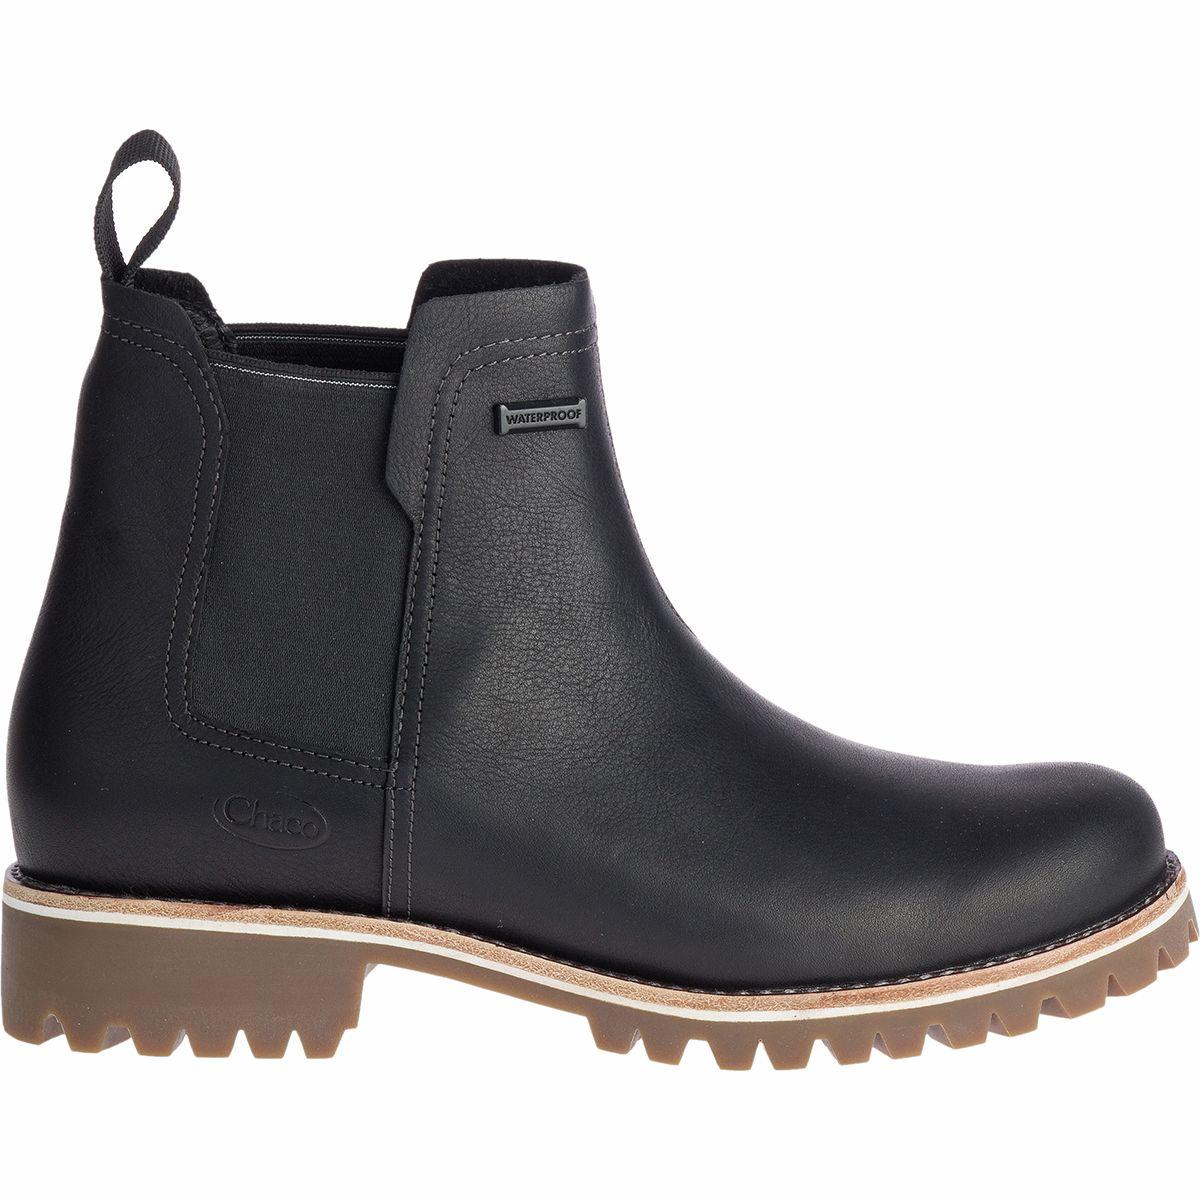 Chaco Fields Chelsea Waterproof Boot Women S Backcountry Com